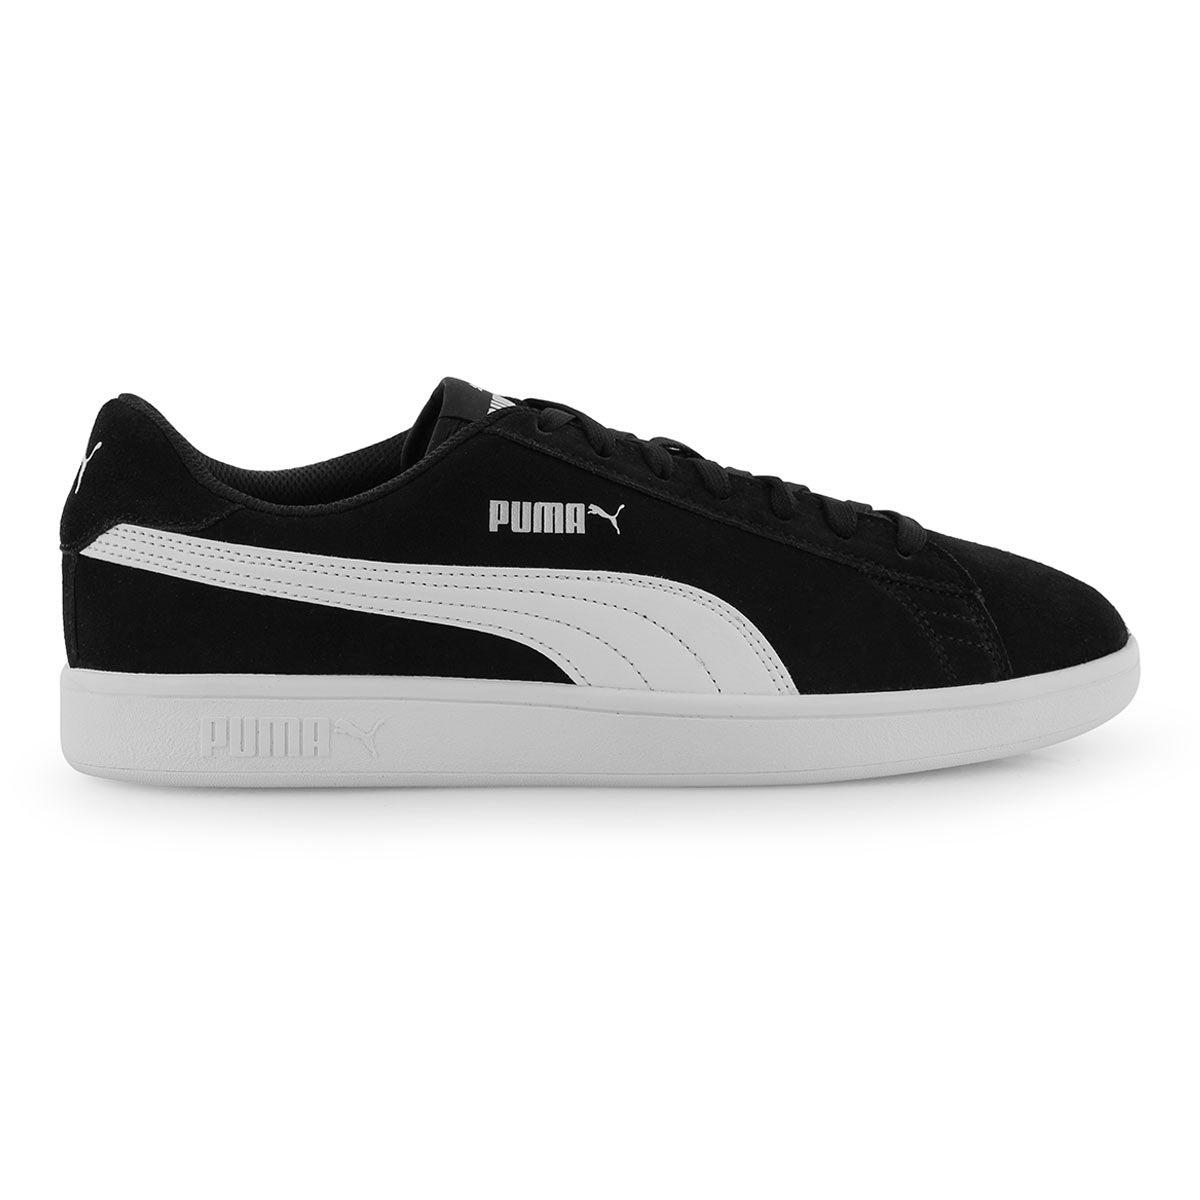 Mns Puma Smash v2 black/white sneaker